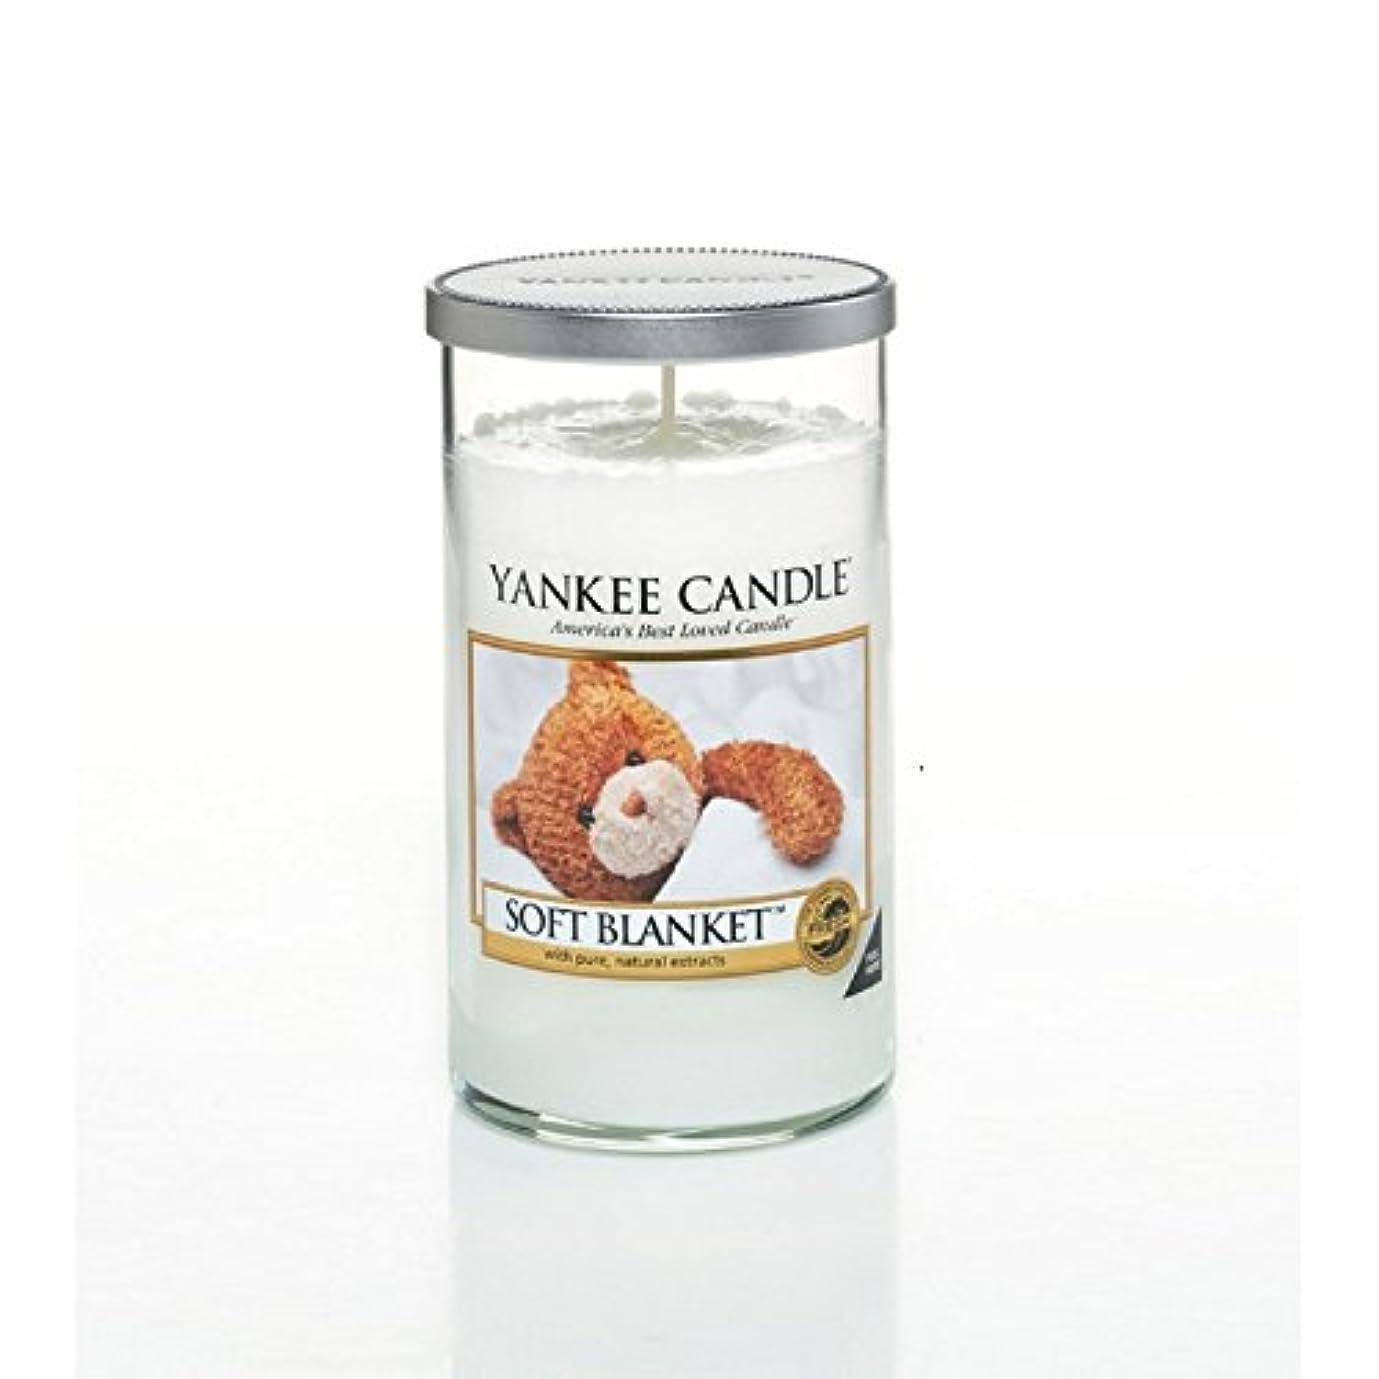 厳系統的床ヤンキーキャンドルメディアピラーキャンドル - ソフト毛布 - Yankee Candles Medium Pillar Candle - Soft Blanket (Yankee Candles) [並行輸入品]